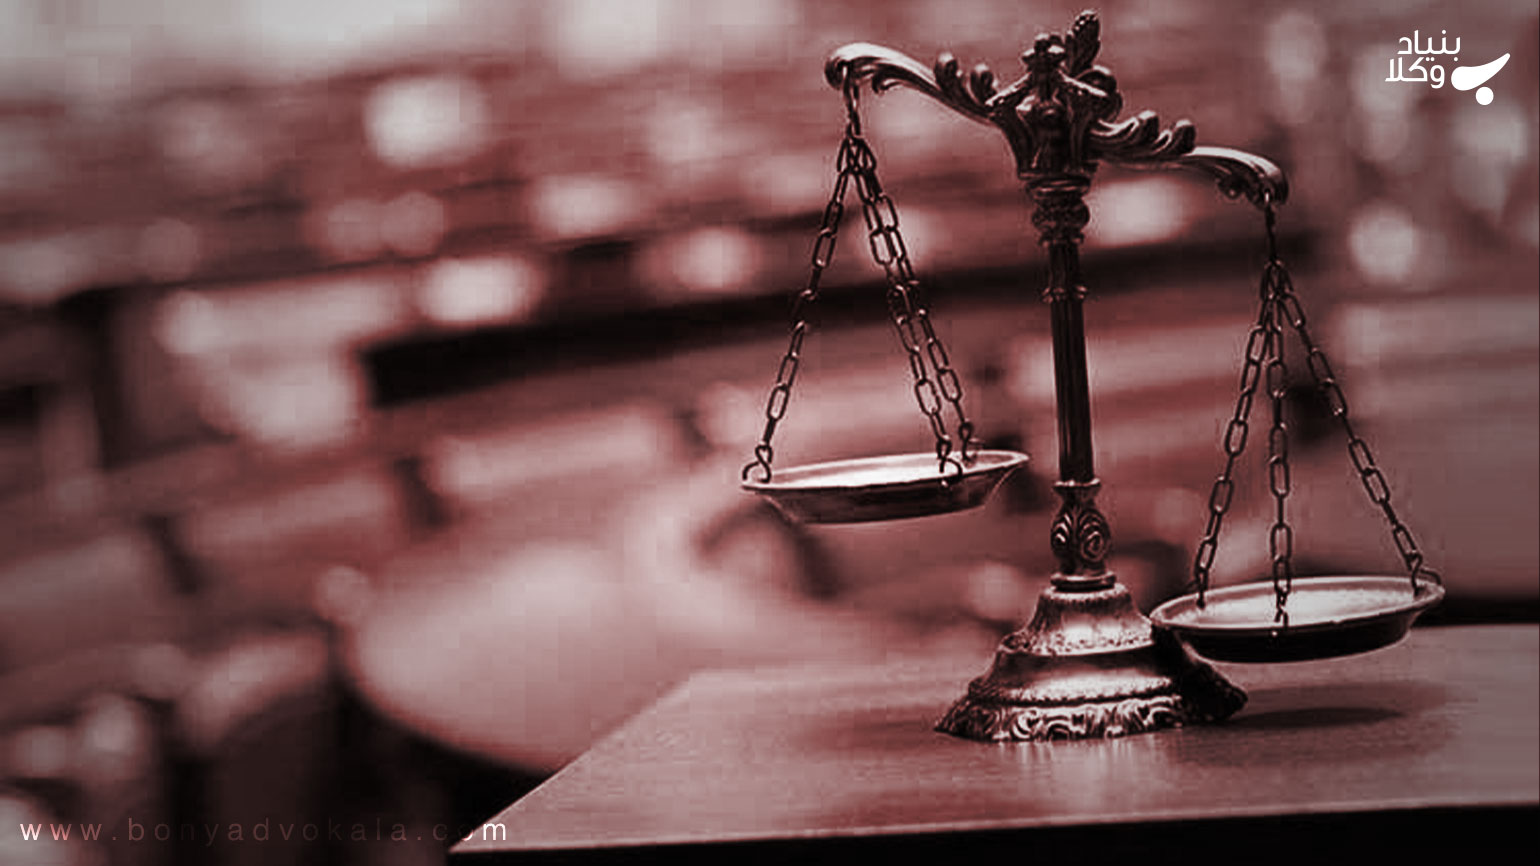 قانون رسیدگی به دارایی مقامات در قانون ایران